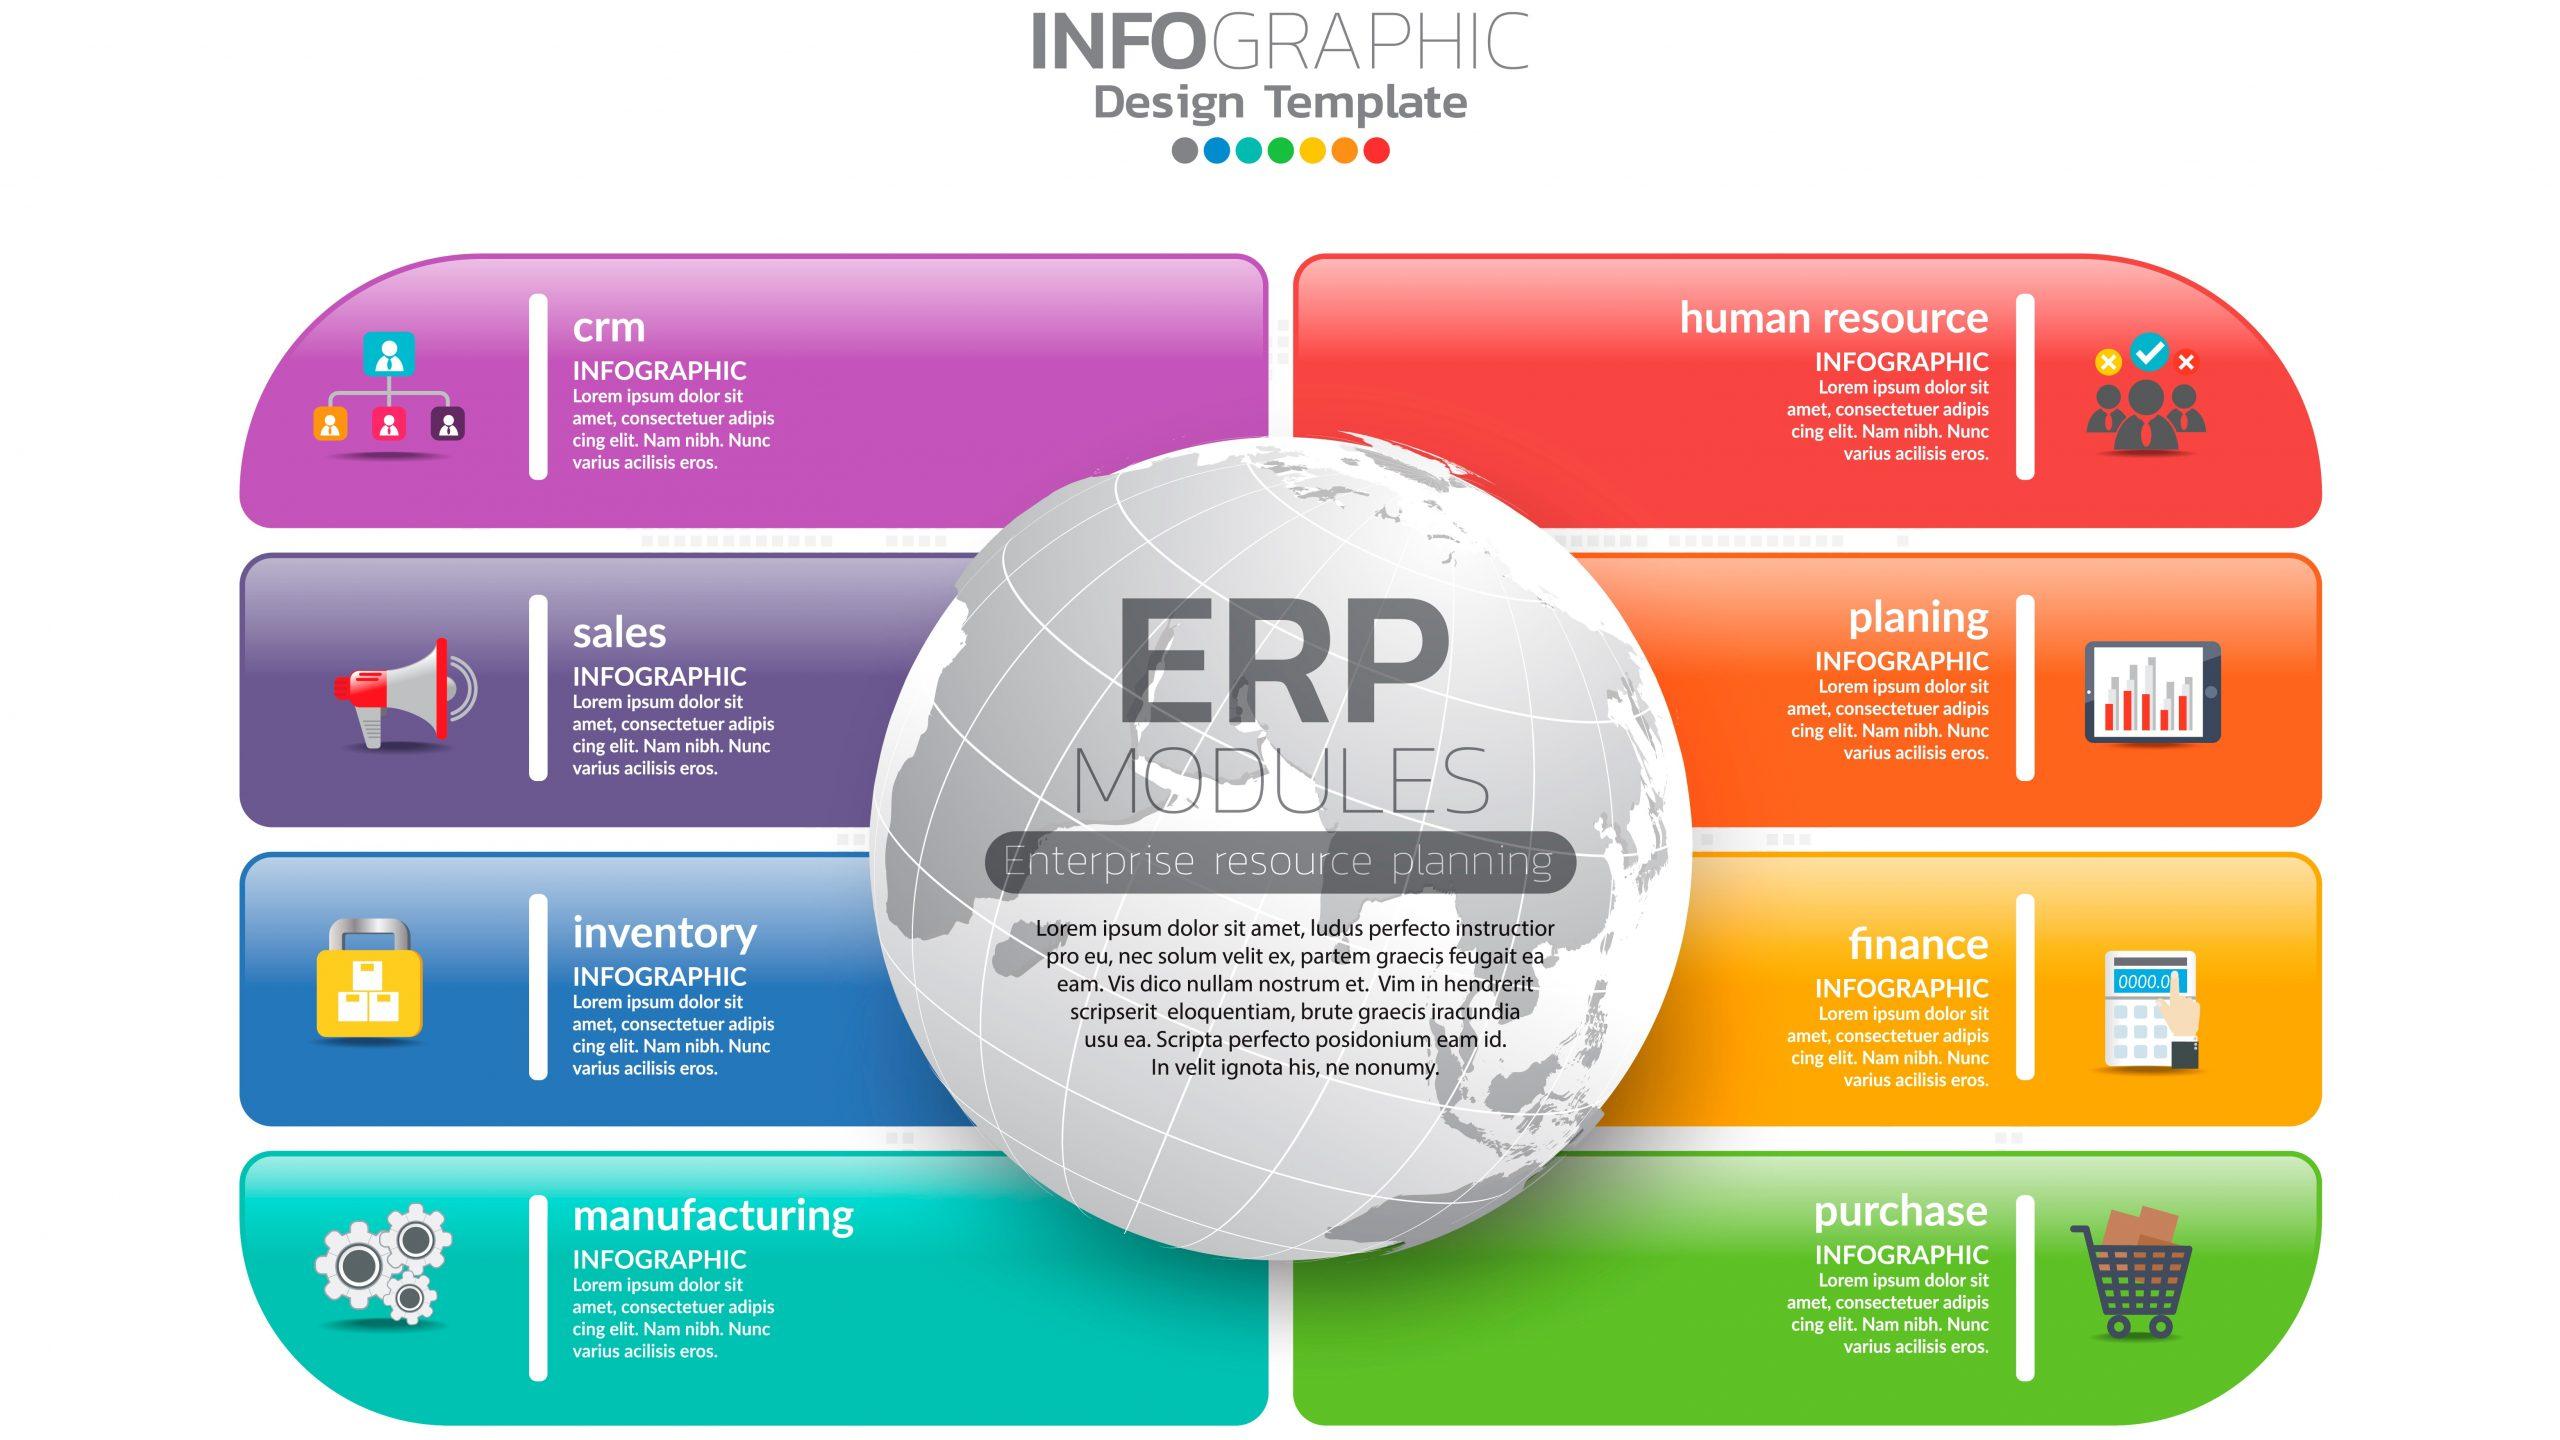 ERP là một công cụ hữu hiệu cung cấp bức tranh toàn cảnh về tình hình doanh nghiệp.